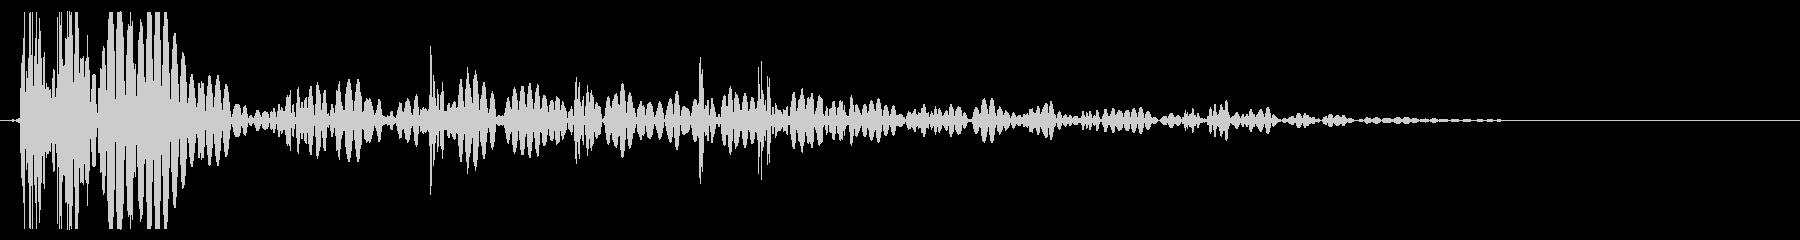 ミディアムボールダー:ドロップの未再生の波形